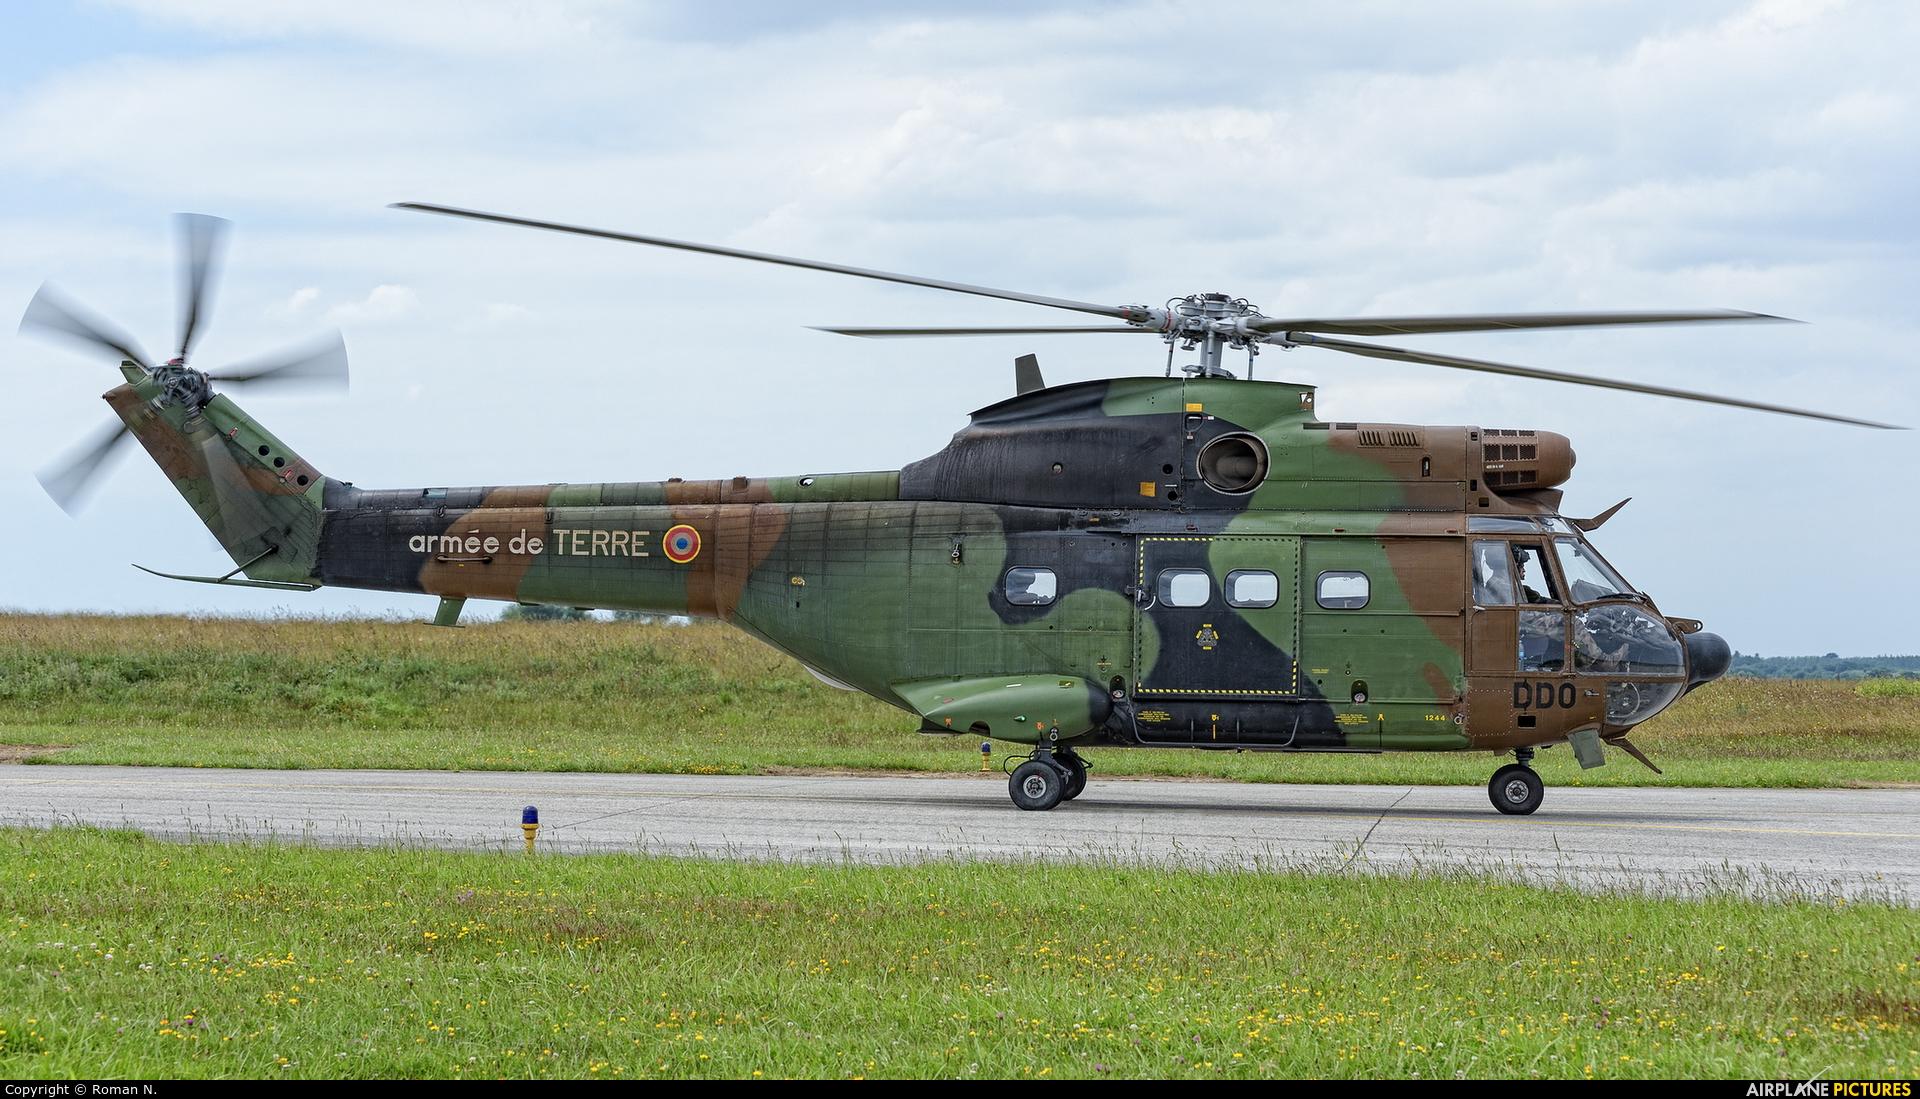 France - Army 1244 aircraft at Landivisiau